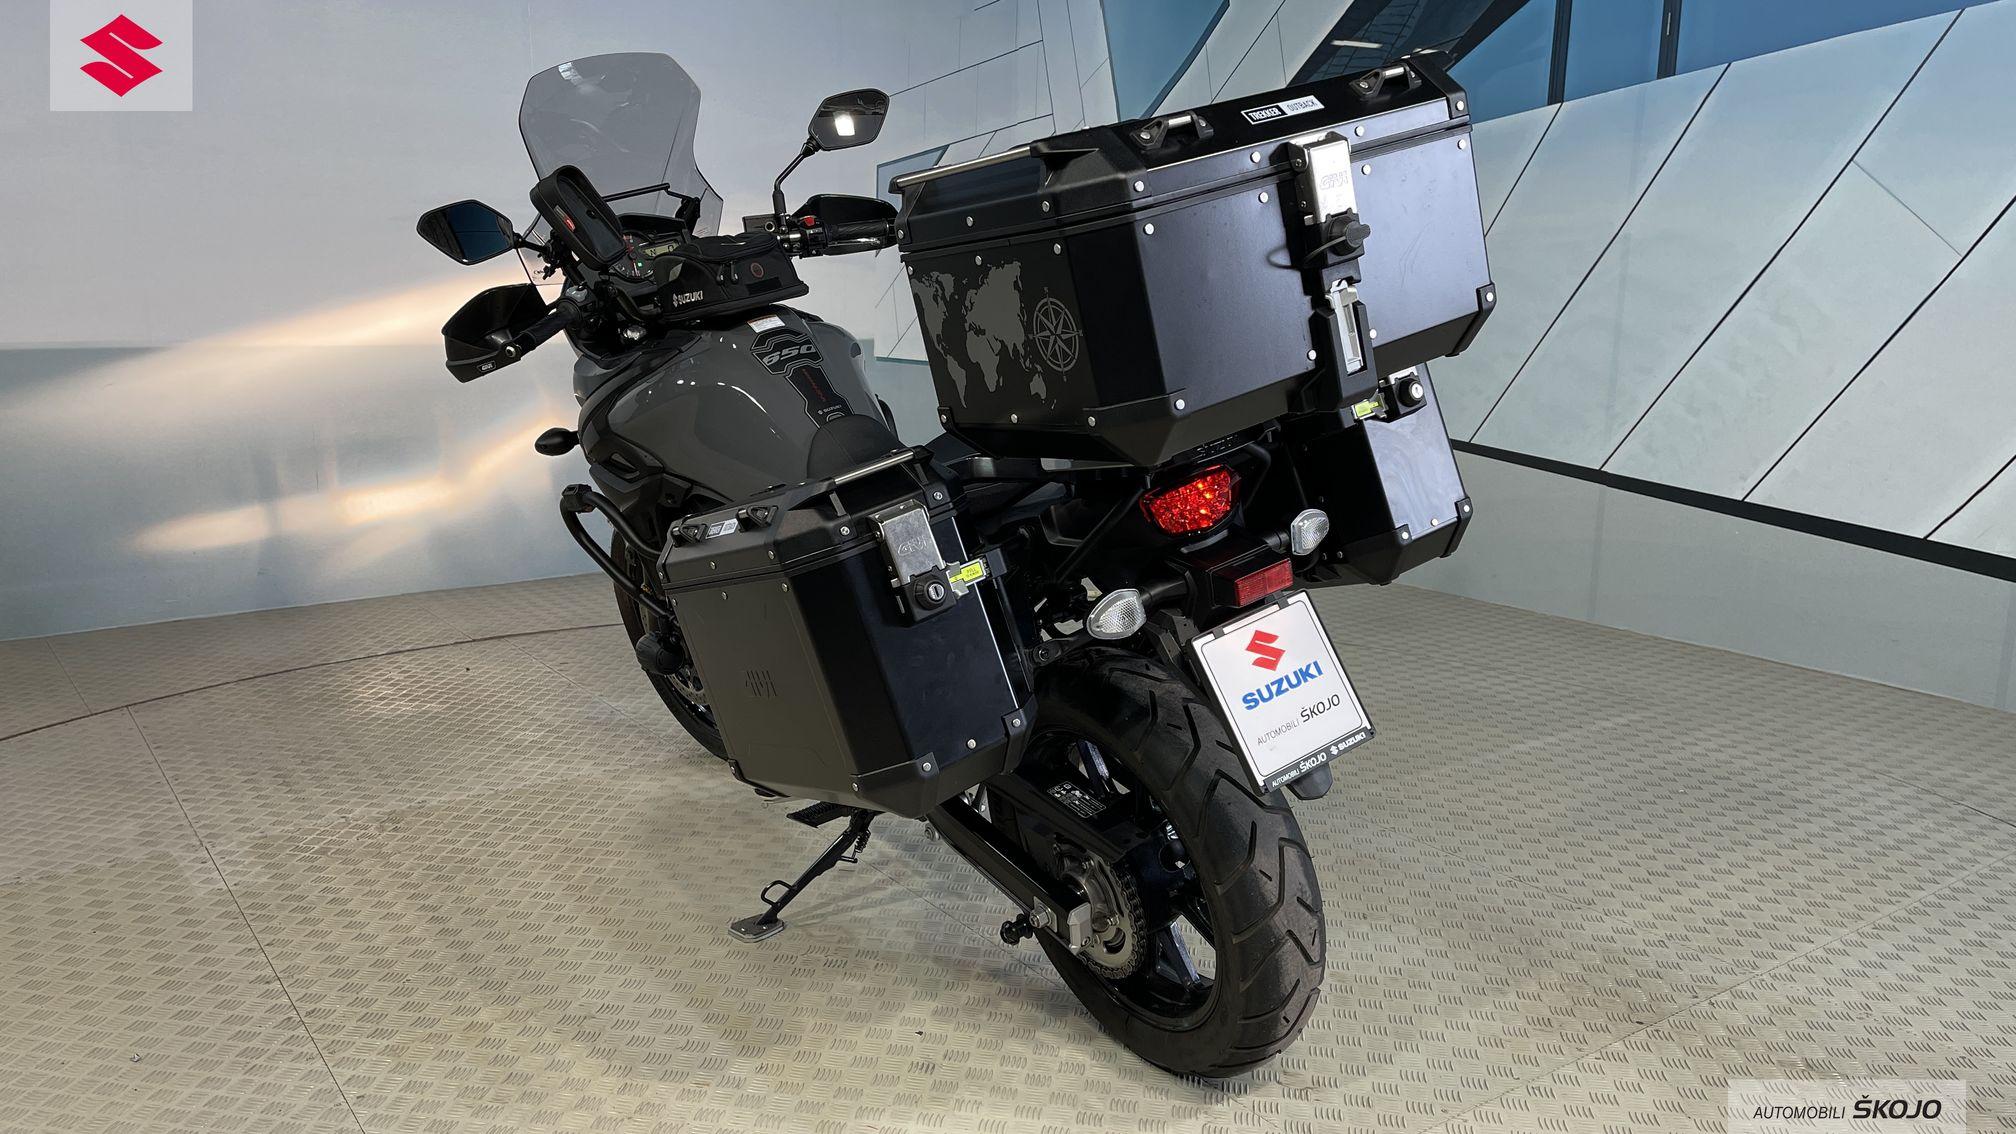 Suzuki_Škojo_8